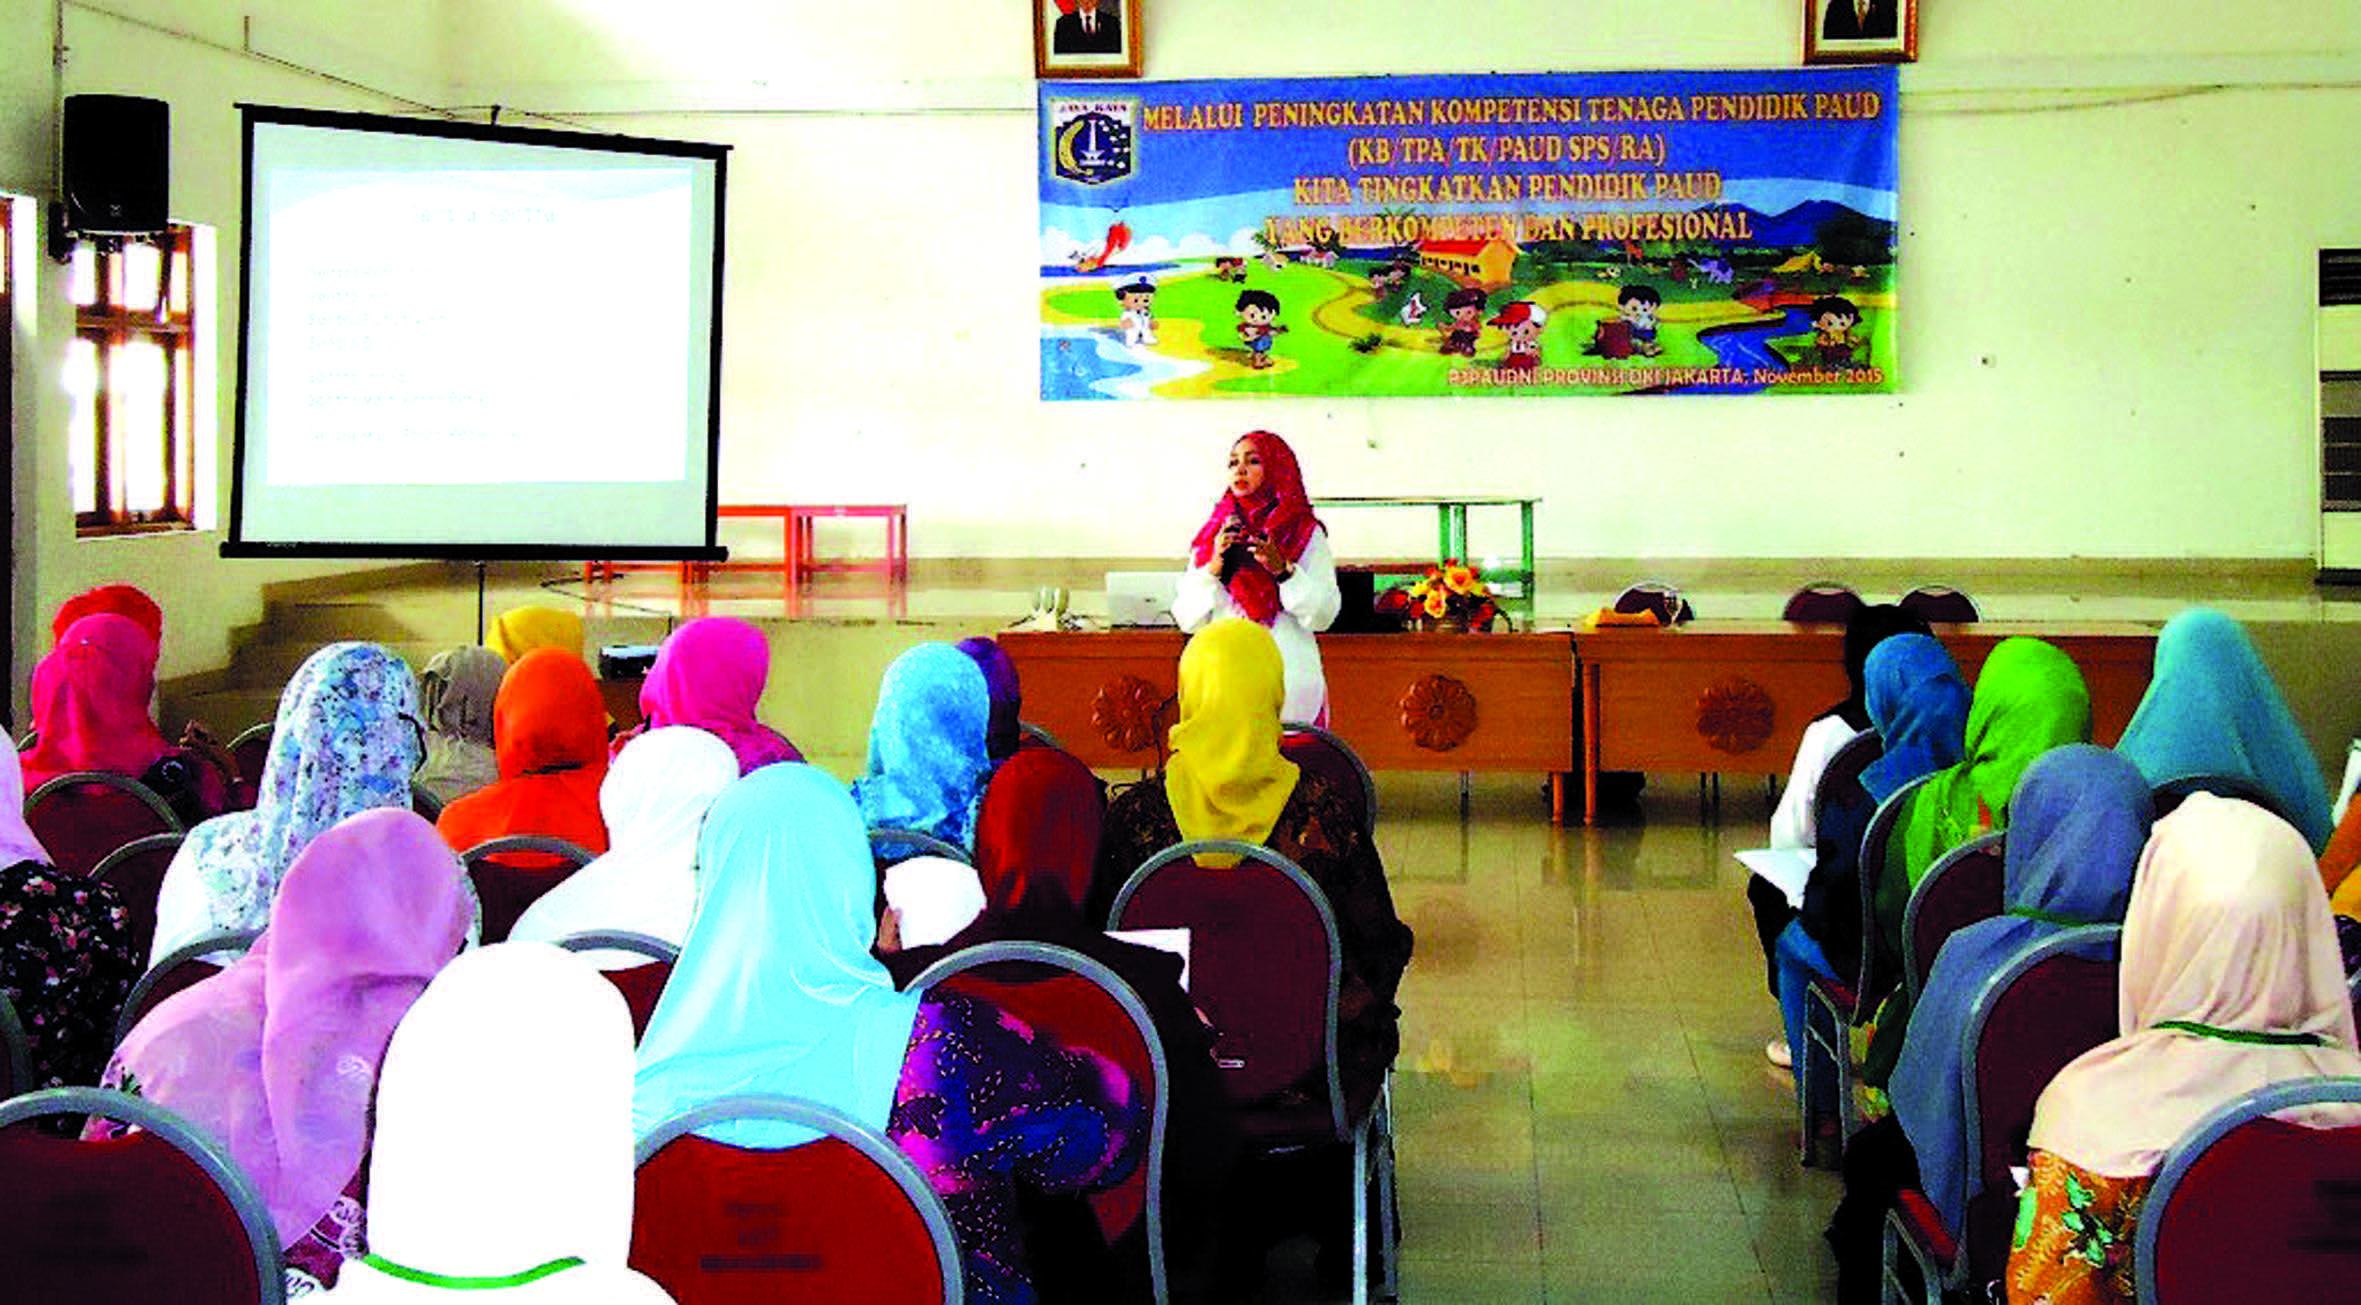 Sekolah Batutis Al-Ilmi dipercaya oleh Pemerintah Daerah DKI Jakarta untuk menjadi fasilitator Pelatihan Metode Sentra bagi para guru di kelima wilayah DKI.